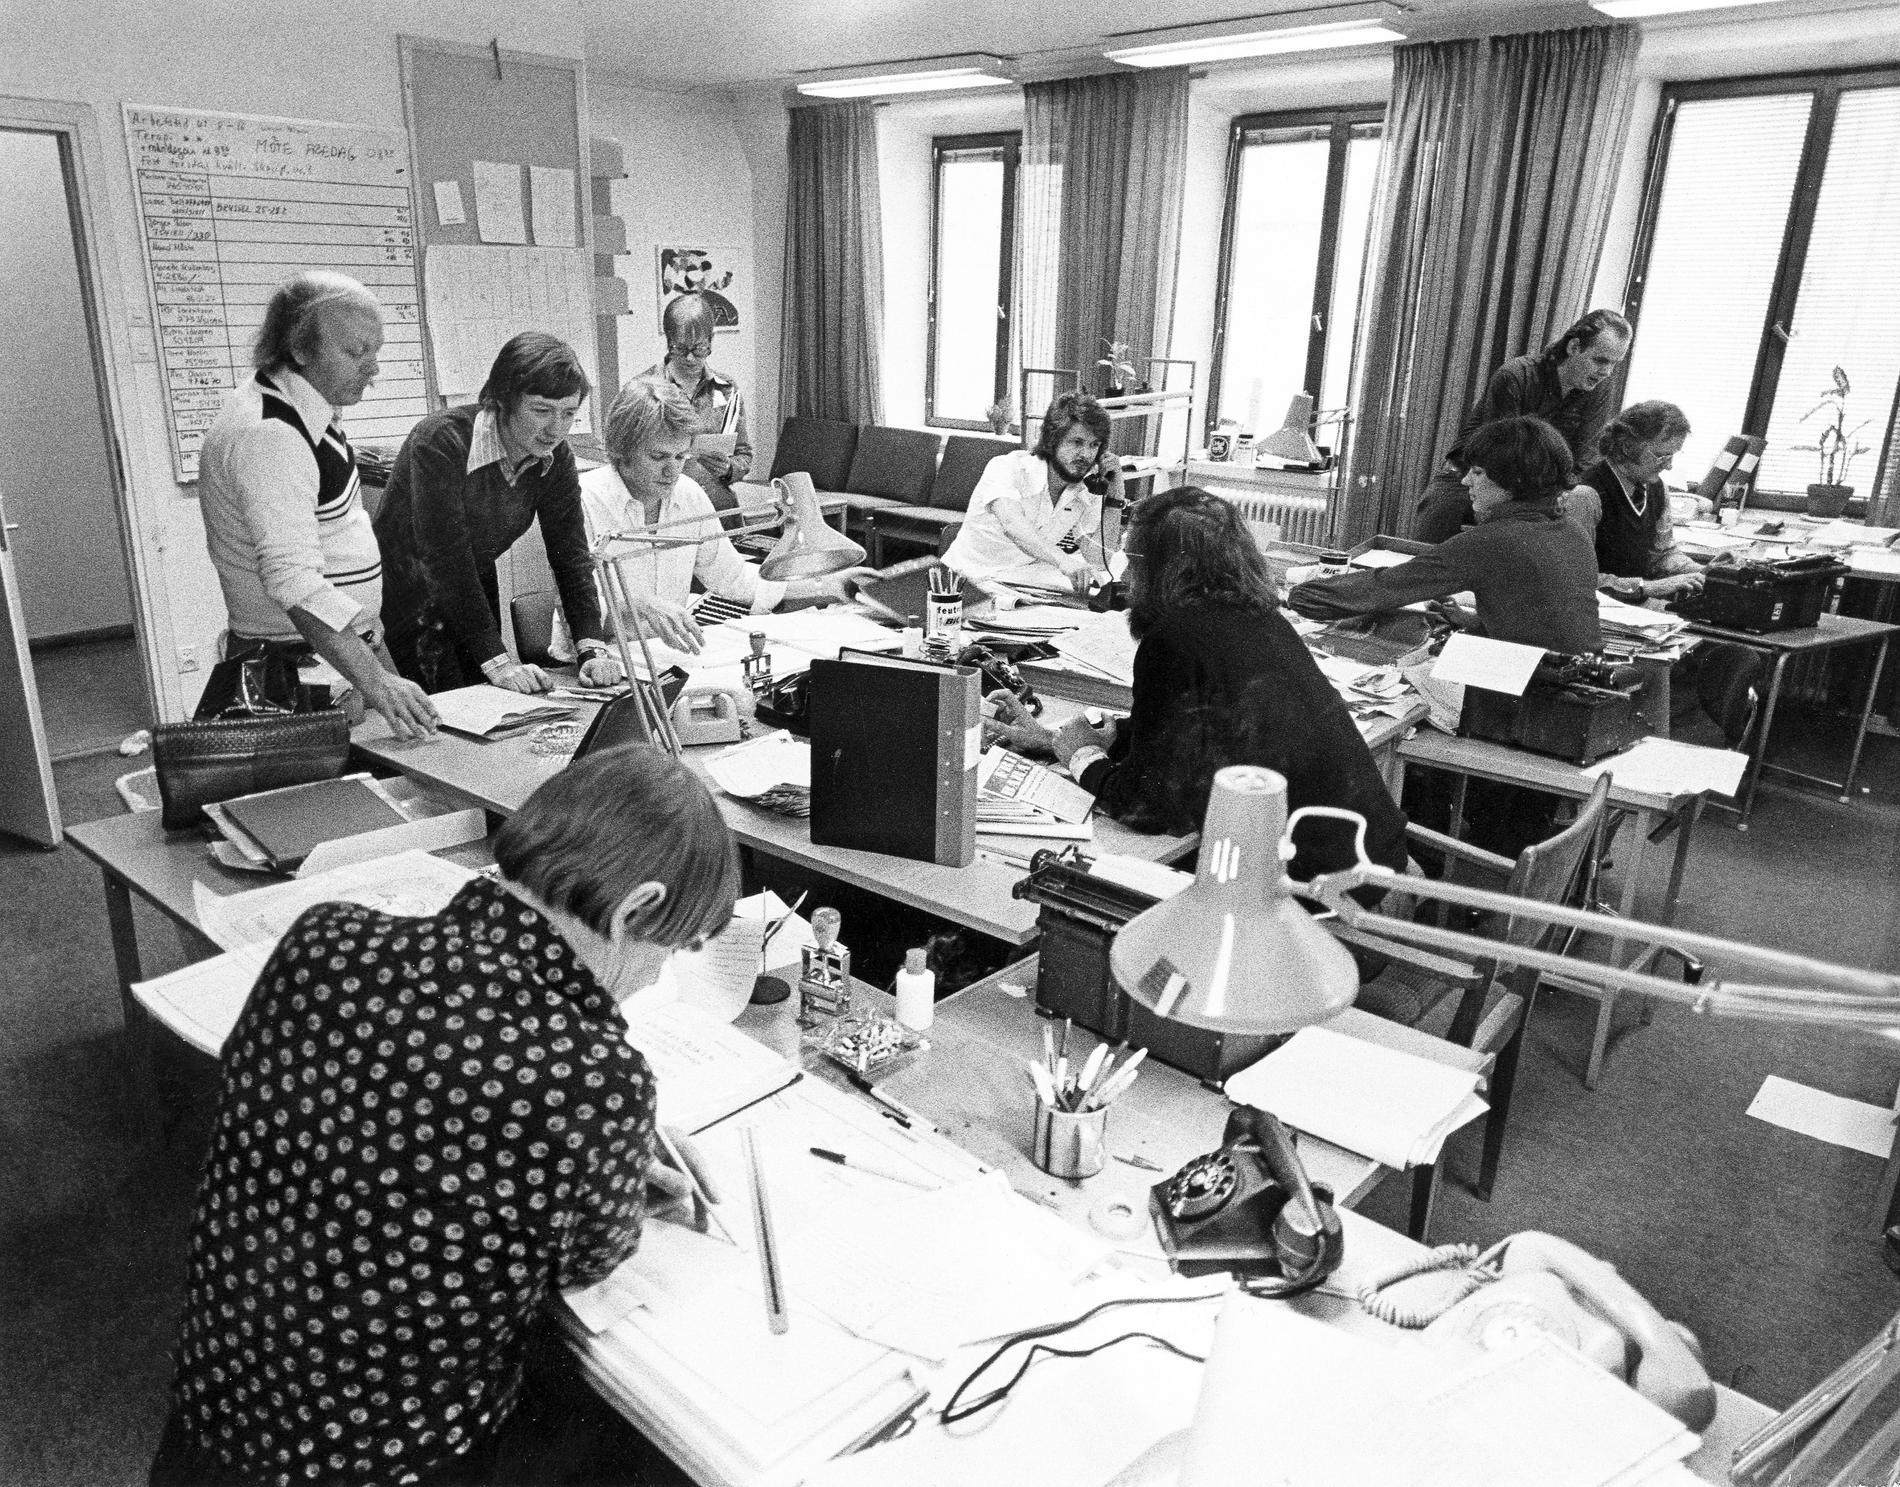 Magasinet-redaktionen på Aftonbladet i Klara 1977. Närmast kameran Alf Lindstedt, sedan från vänster Lars Bjelf, Bo Hedin, Gunnar Sjörs, Maud Höste, Jan-Erik Thélenius, Rune Struck och Marianne von Baumgarten, samt närmast fönstret Ulf Thorgren och Jörgen Blom.